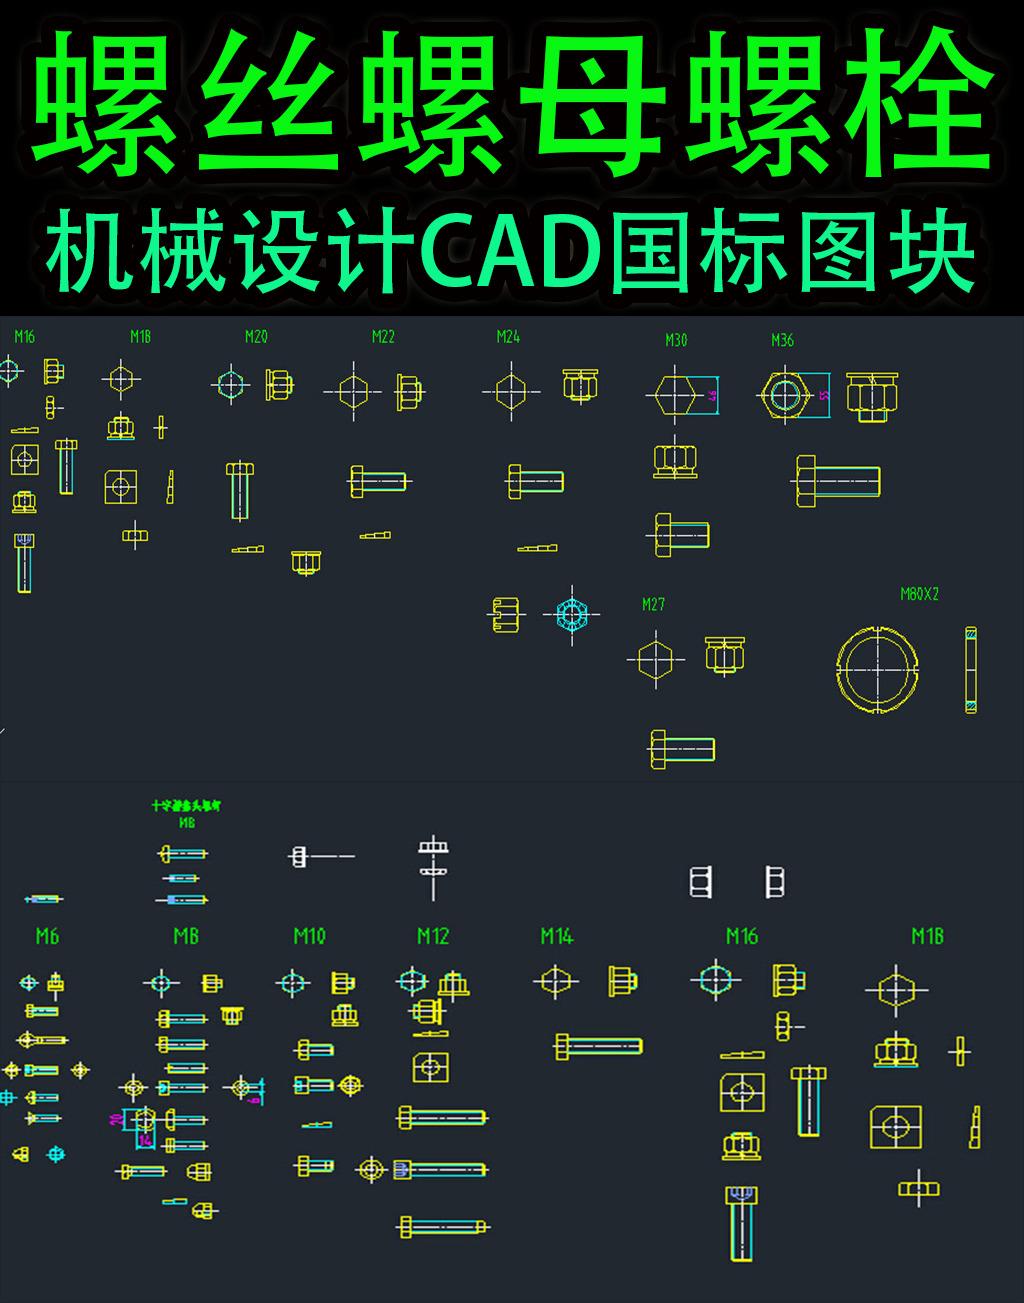 模板下载 各种螺丝国标的cad图纸图片下载